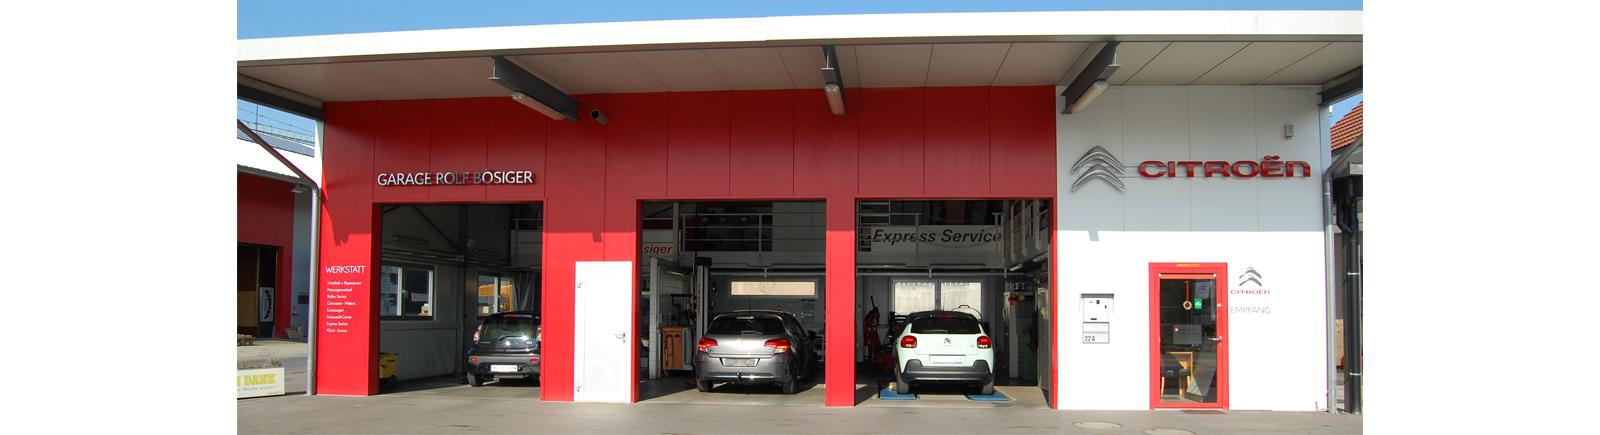 Garage aussen 3